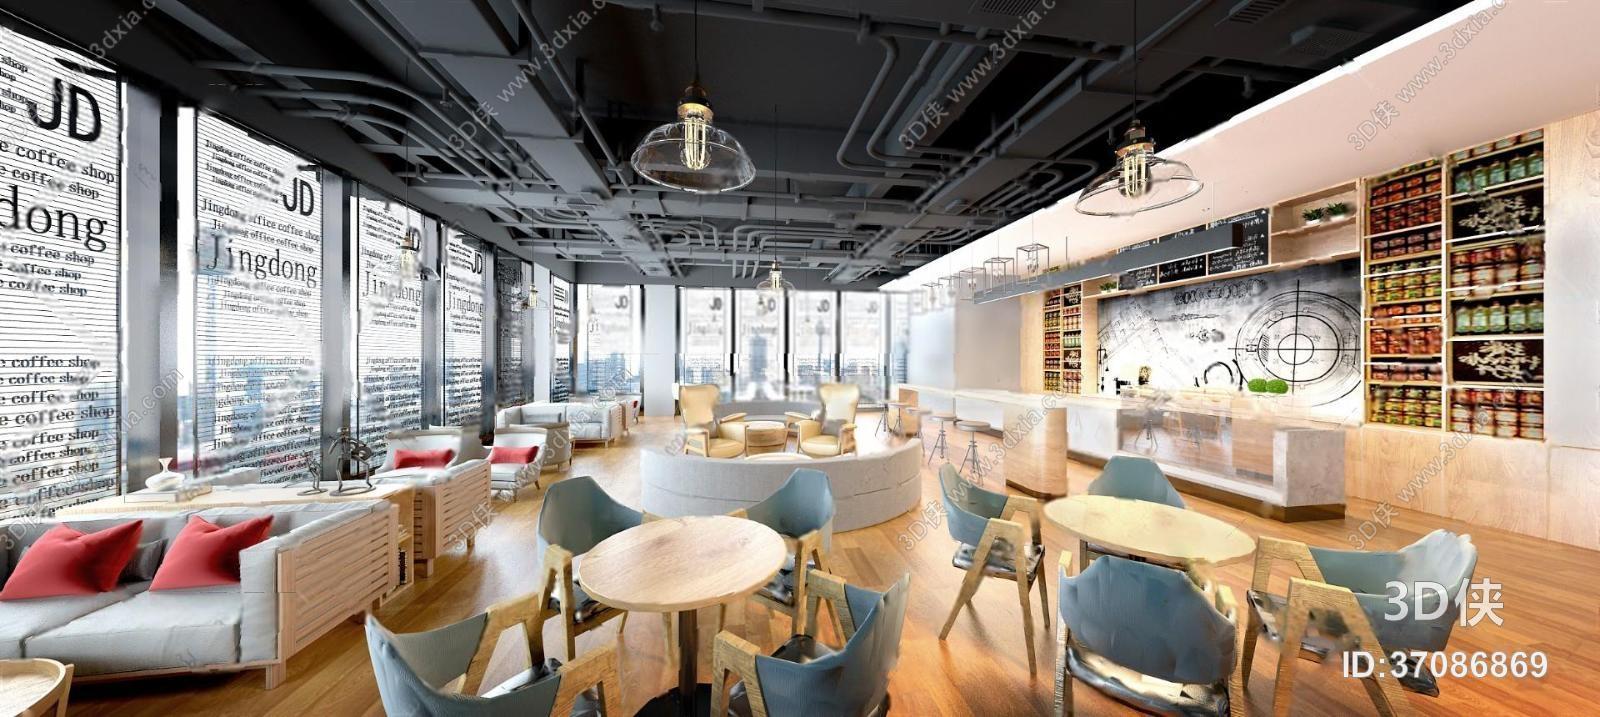 3d侠模型网提供精美好看的 效果图素材免费下载,本作品主题是咖啡厅